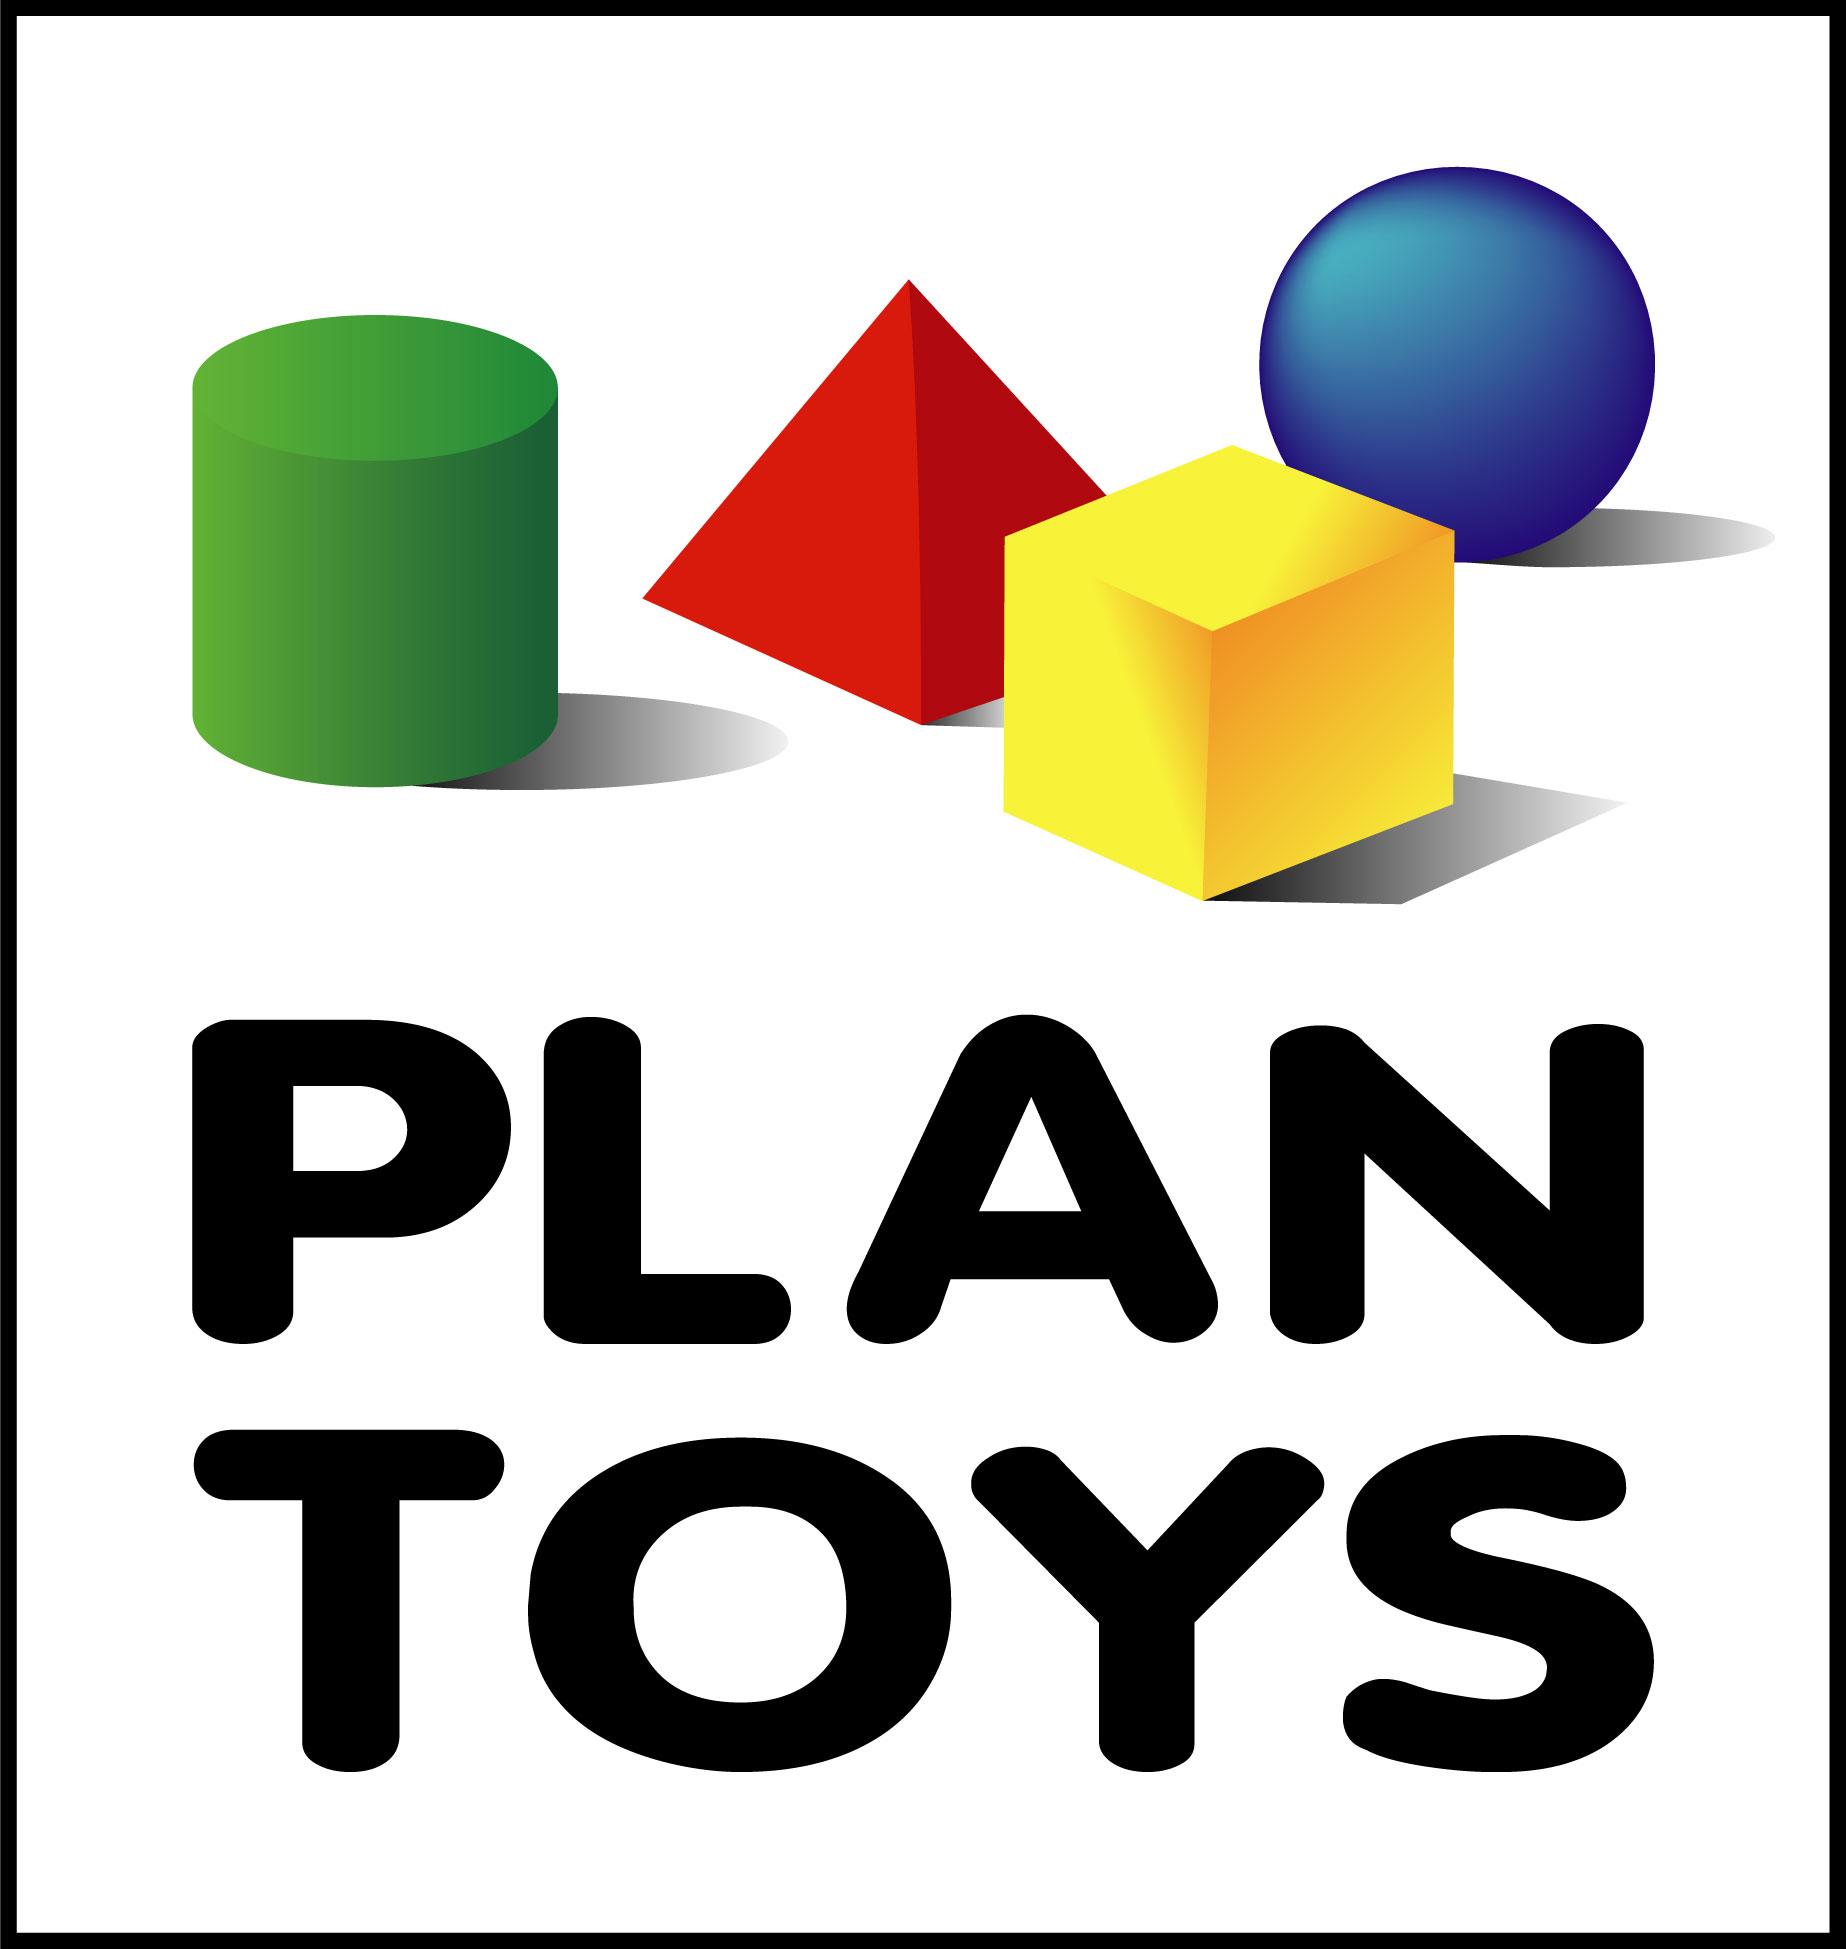 Afbeeldingsresultaat voor plantoys logo